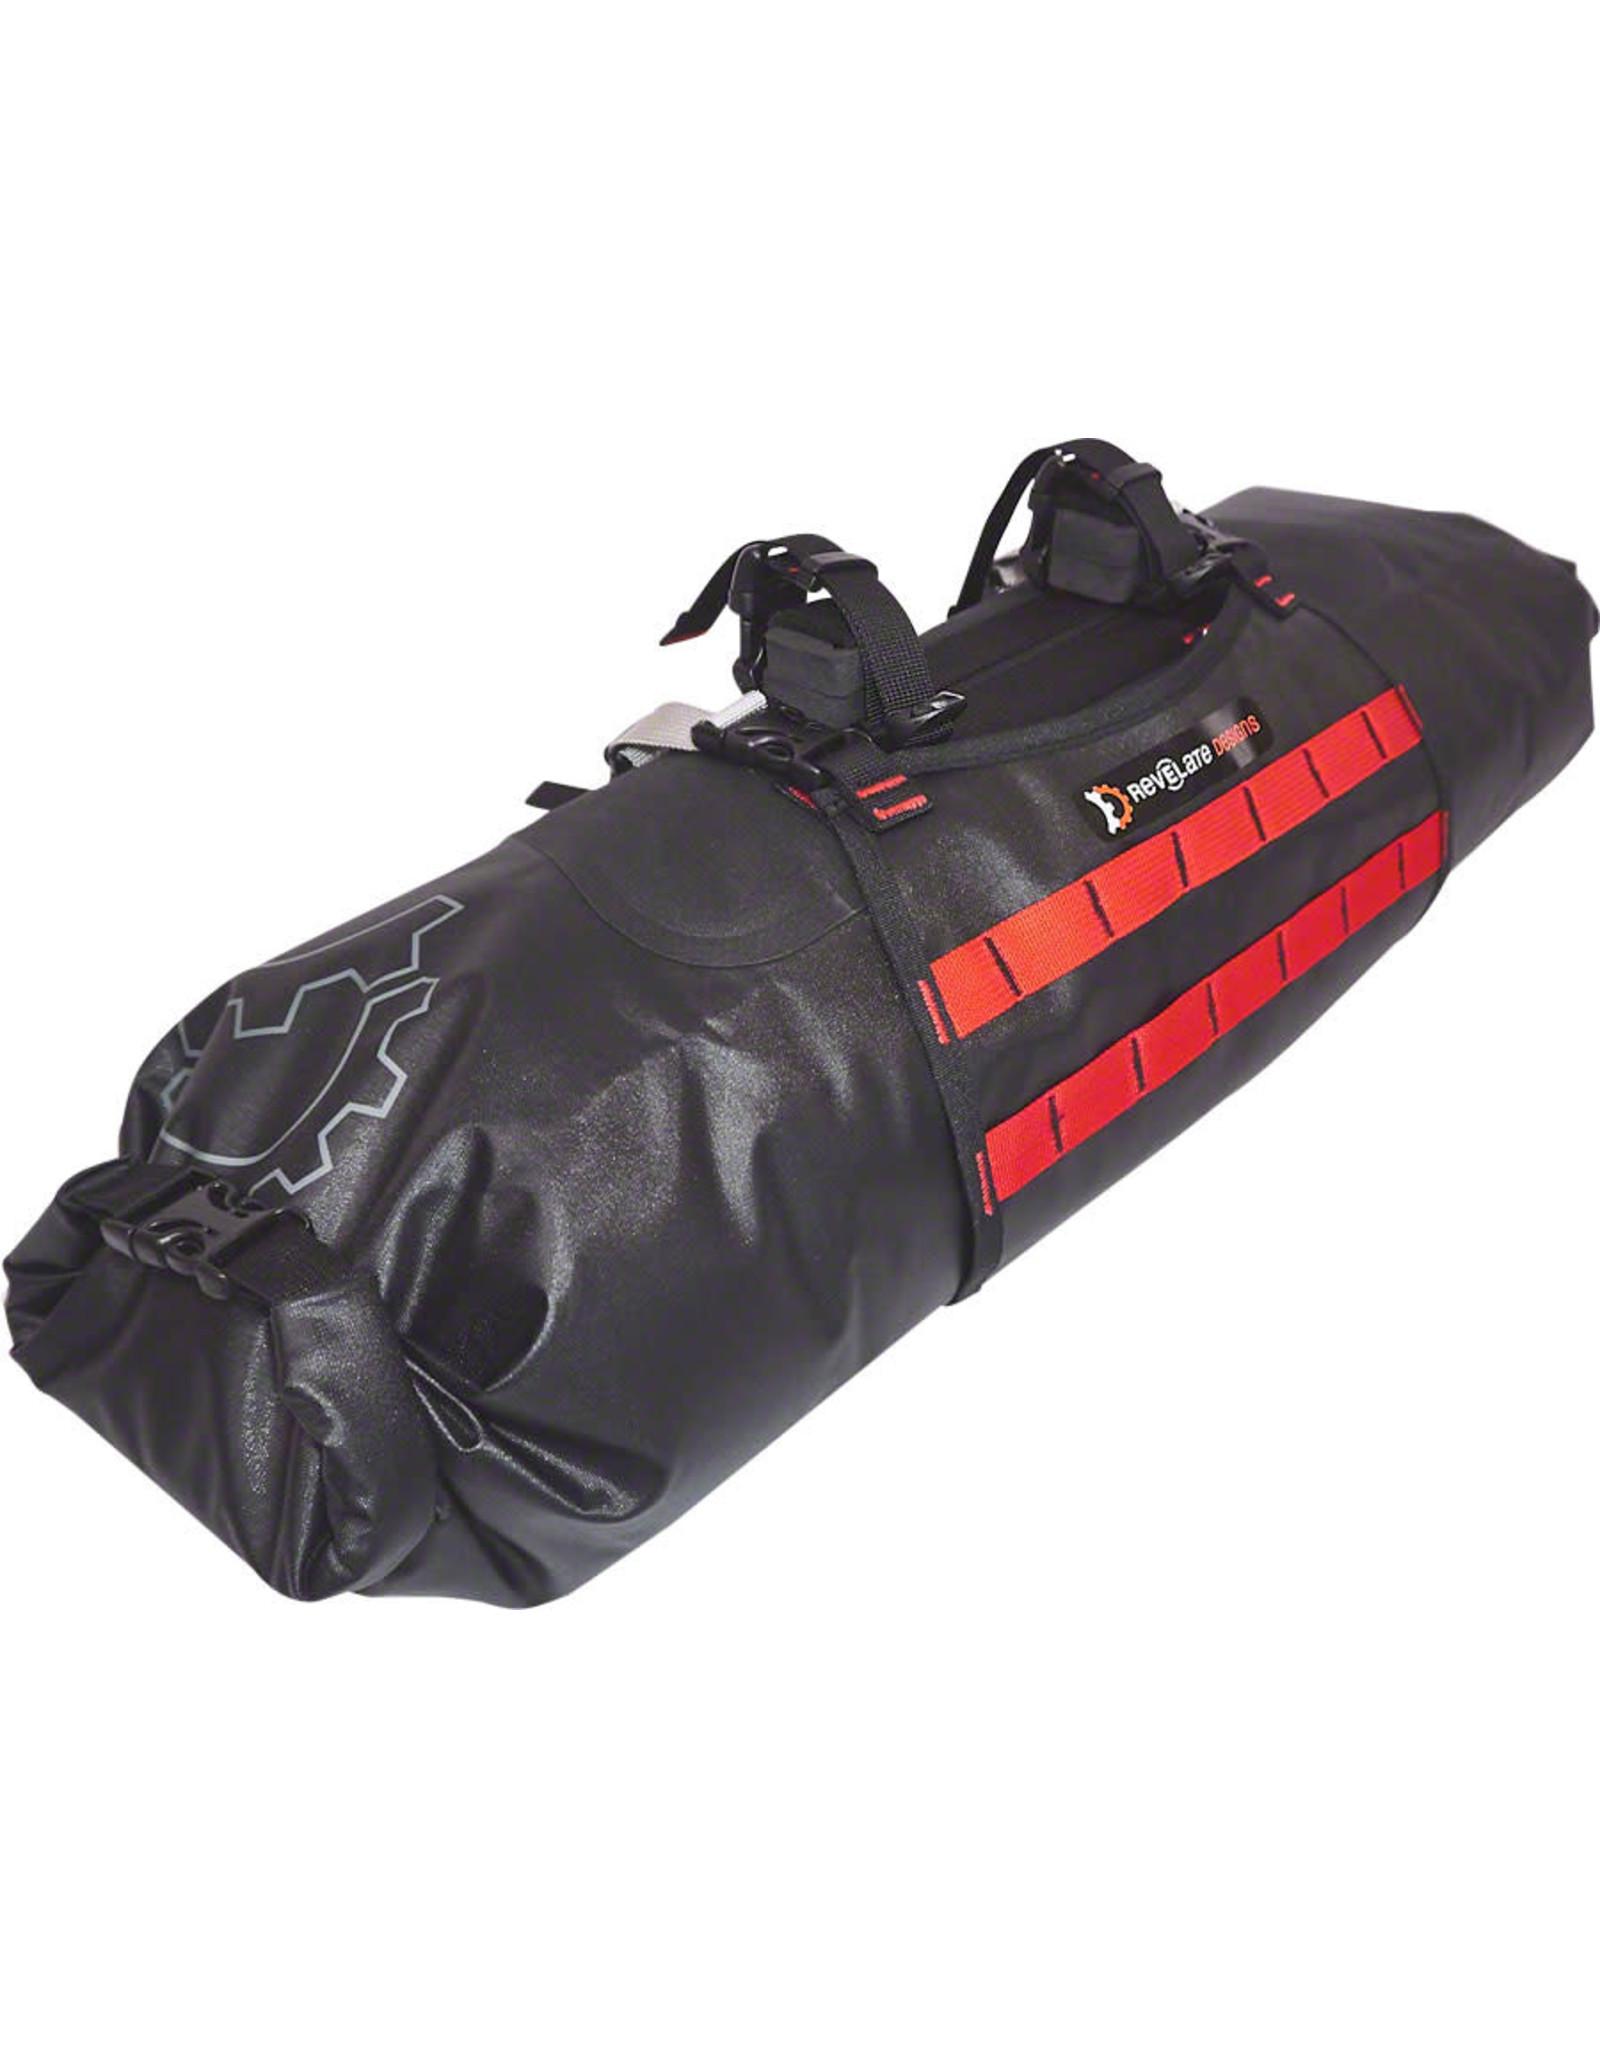 Revelate Designs Revelate Designs Sweetroll Bag Medium Black